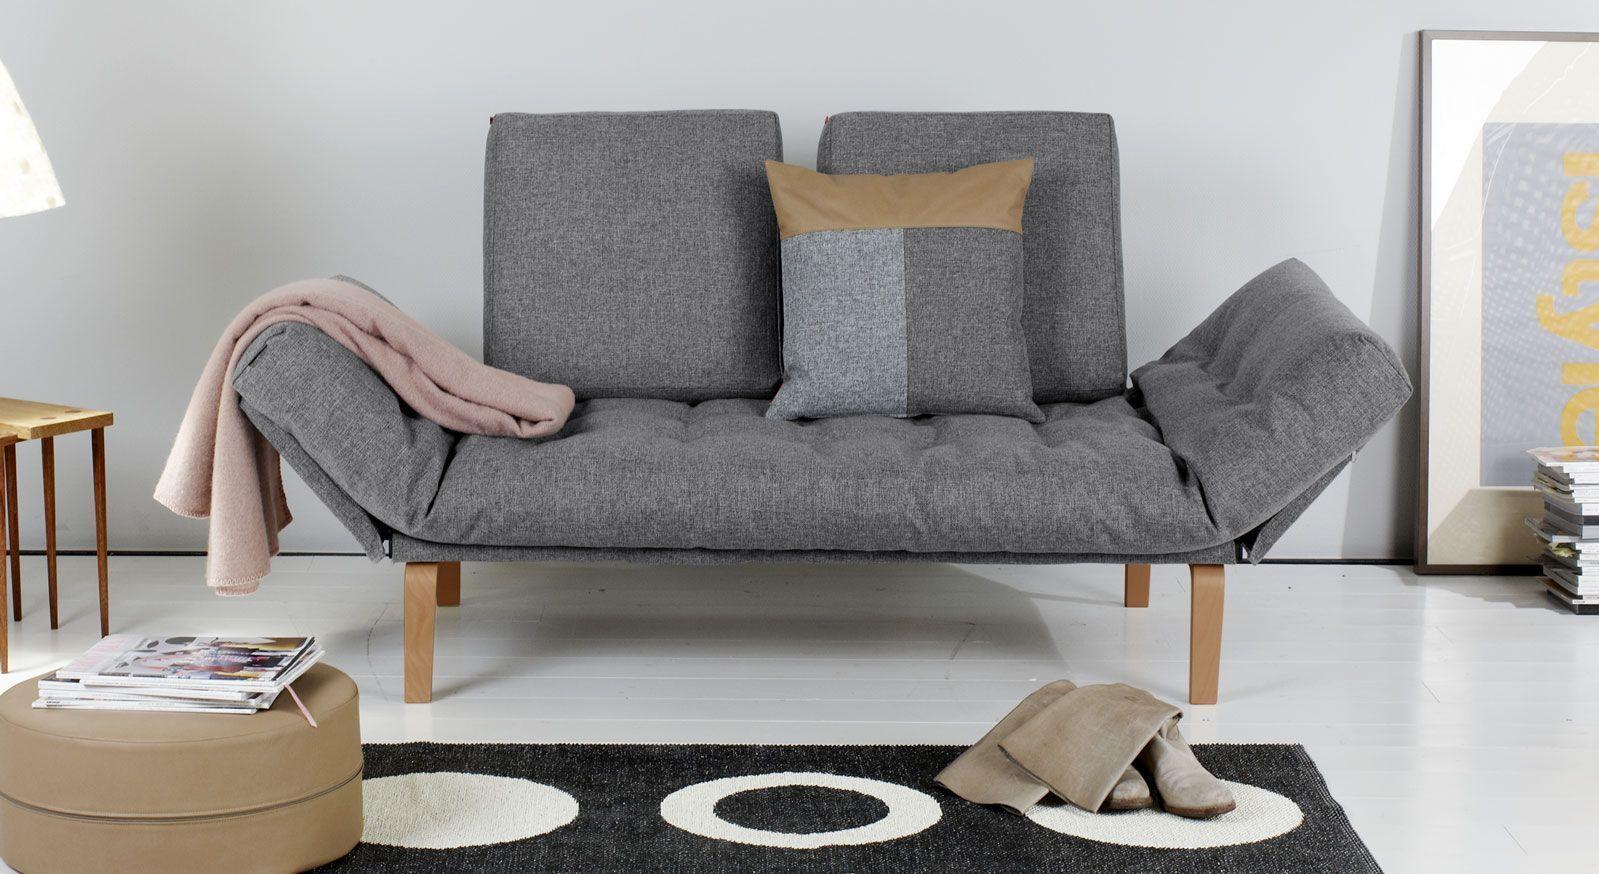 Vielseitiges Schlafsofa Mit Verstellbaren Armlehnen Und Knopfheftung In 2020 Furniture Placement Living Room Contemporary Living Room Furniture Sofa Tables Living Room